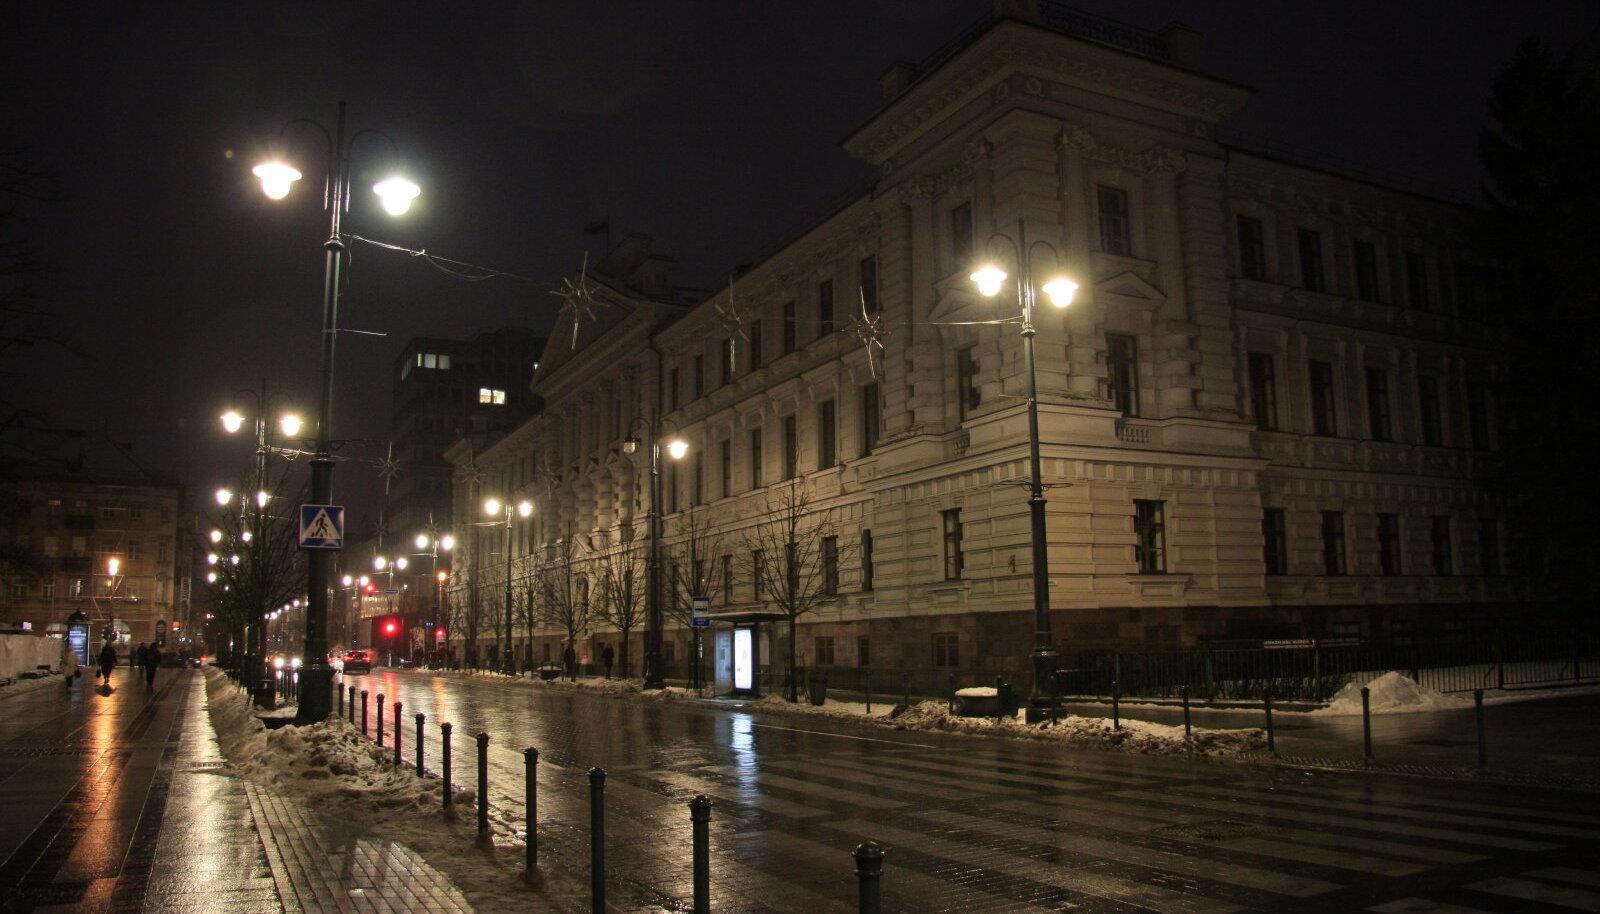 Kunagine KGB peakorter õhtuvalguses. Algselt asus selles Vene impeeriumi Vilniuse provintsi kohtumaja, seejärel Saksa Keisririigi valitsusasutused, vastasutatud Leedu sõjaväe värbamiskeskus, enamlaste revolutsioonitribunal, Poola okupatsioonivõimu kohus Vilniuses, Gestapo ja SD Leedu peakorter.